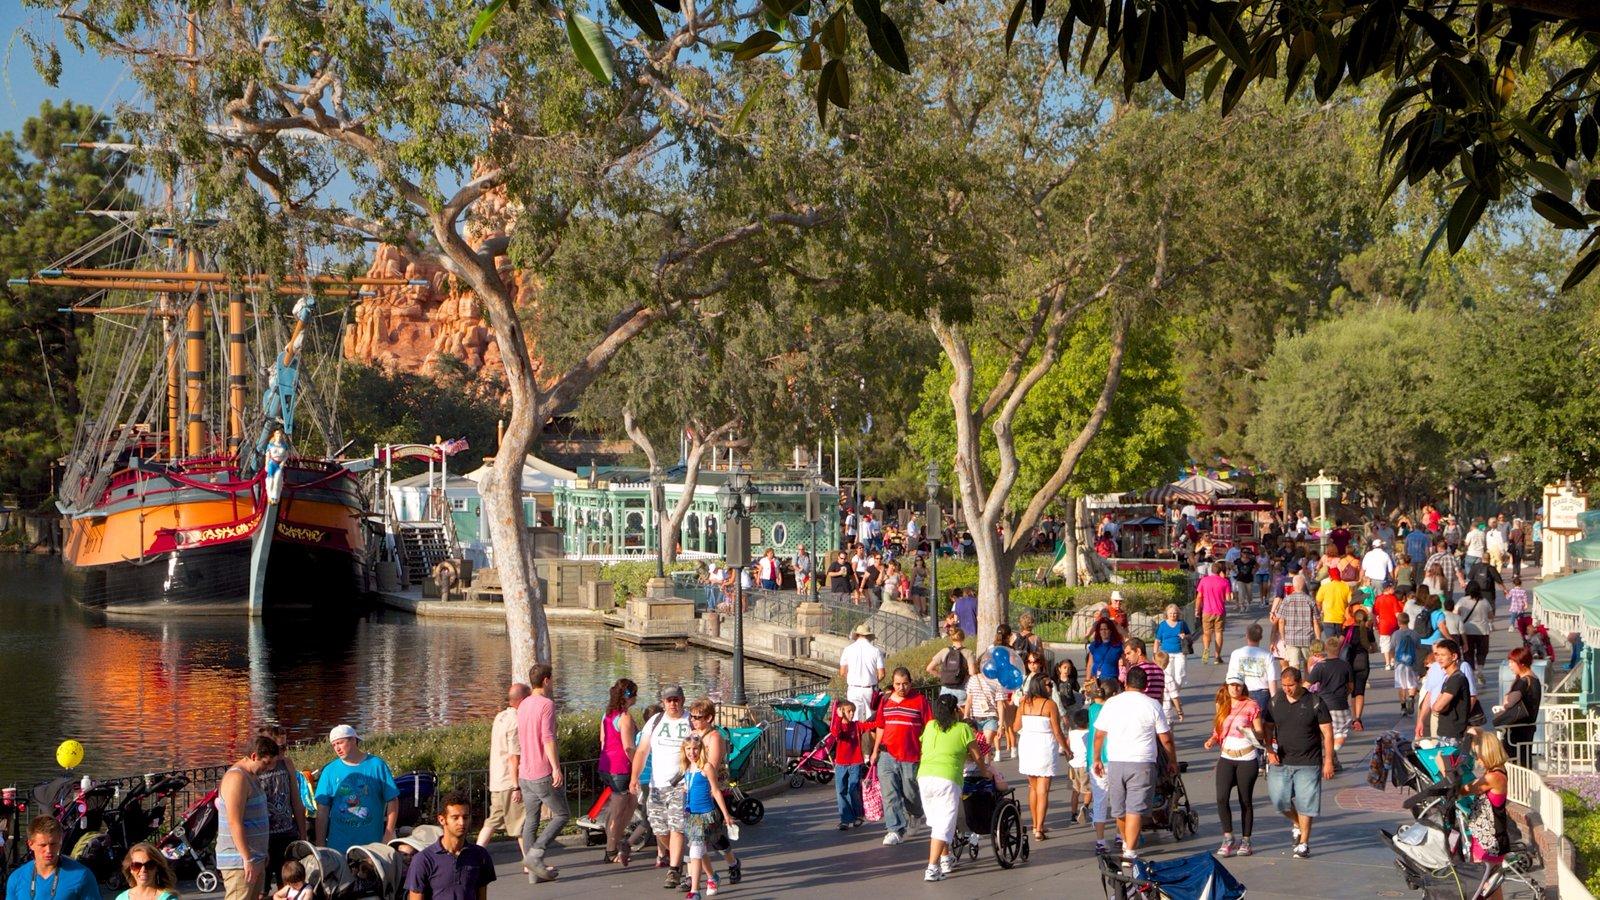 Parque Disneyland® caracterizando passeios assim como um grande grupo de pessoas